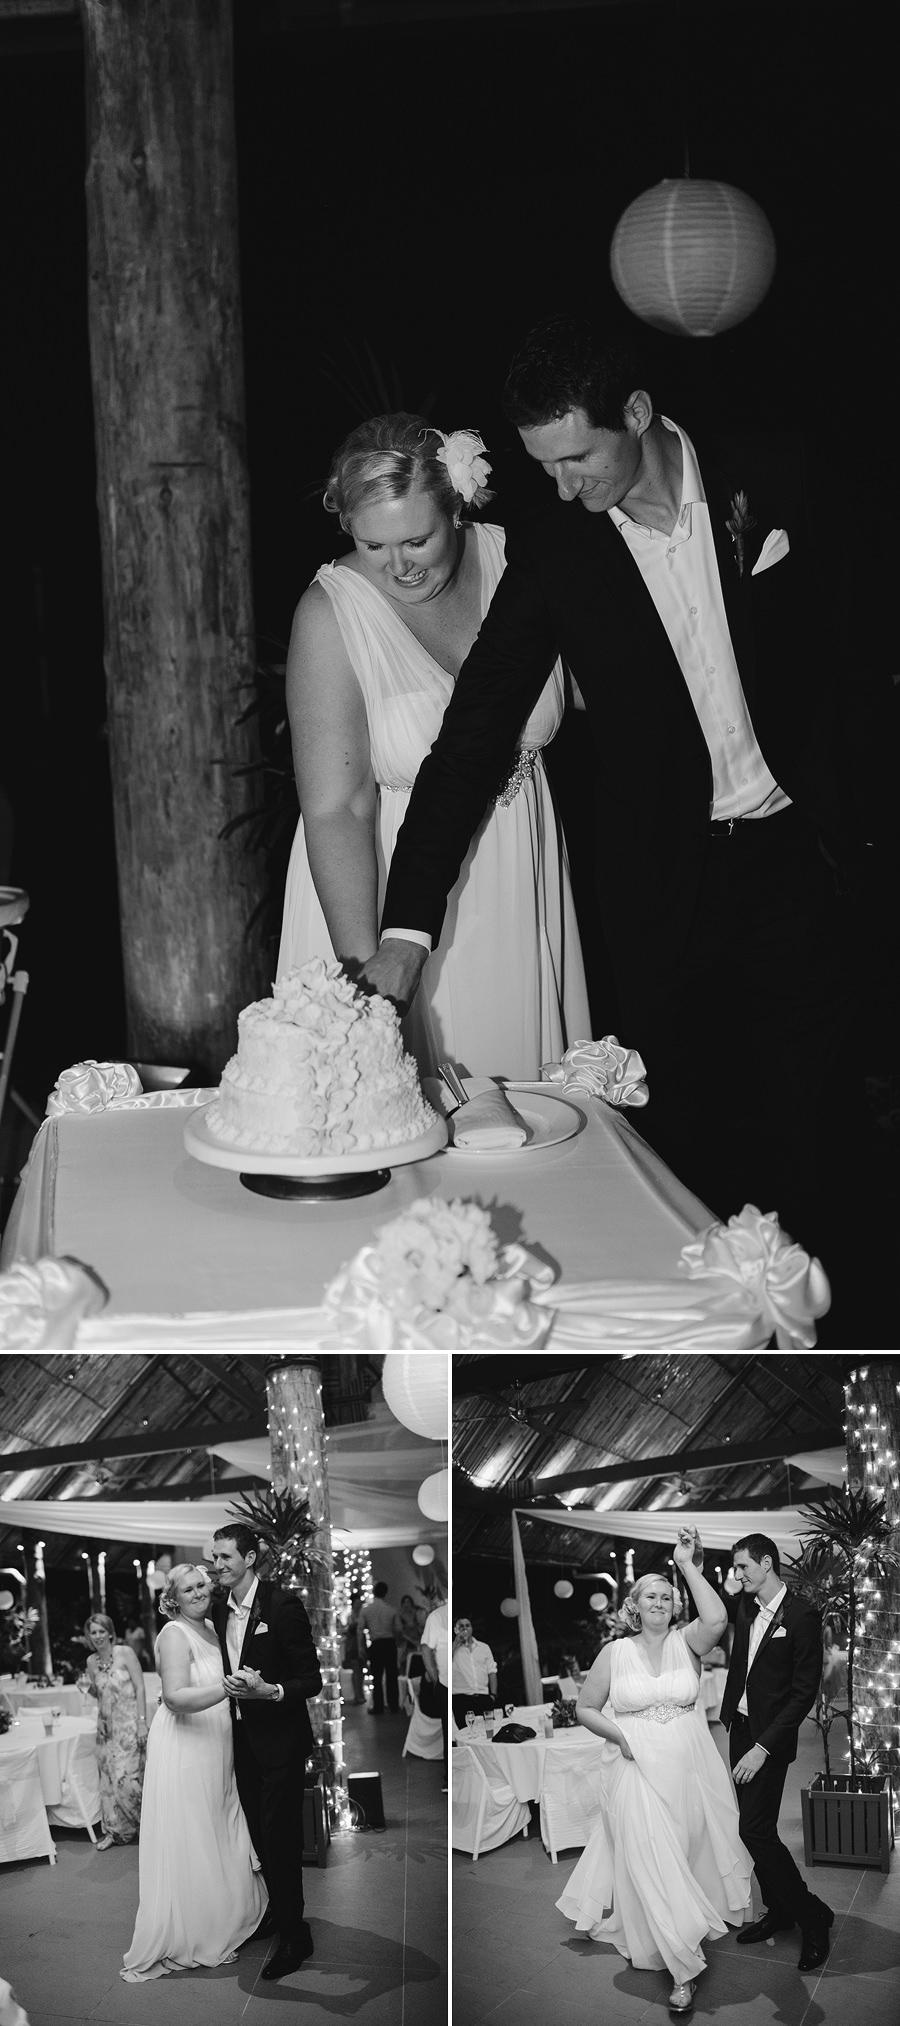 Viti Levu Wedding Photography: Cutting cake